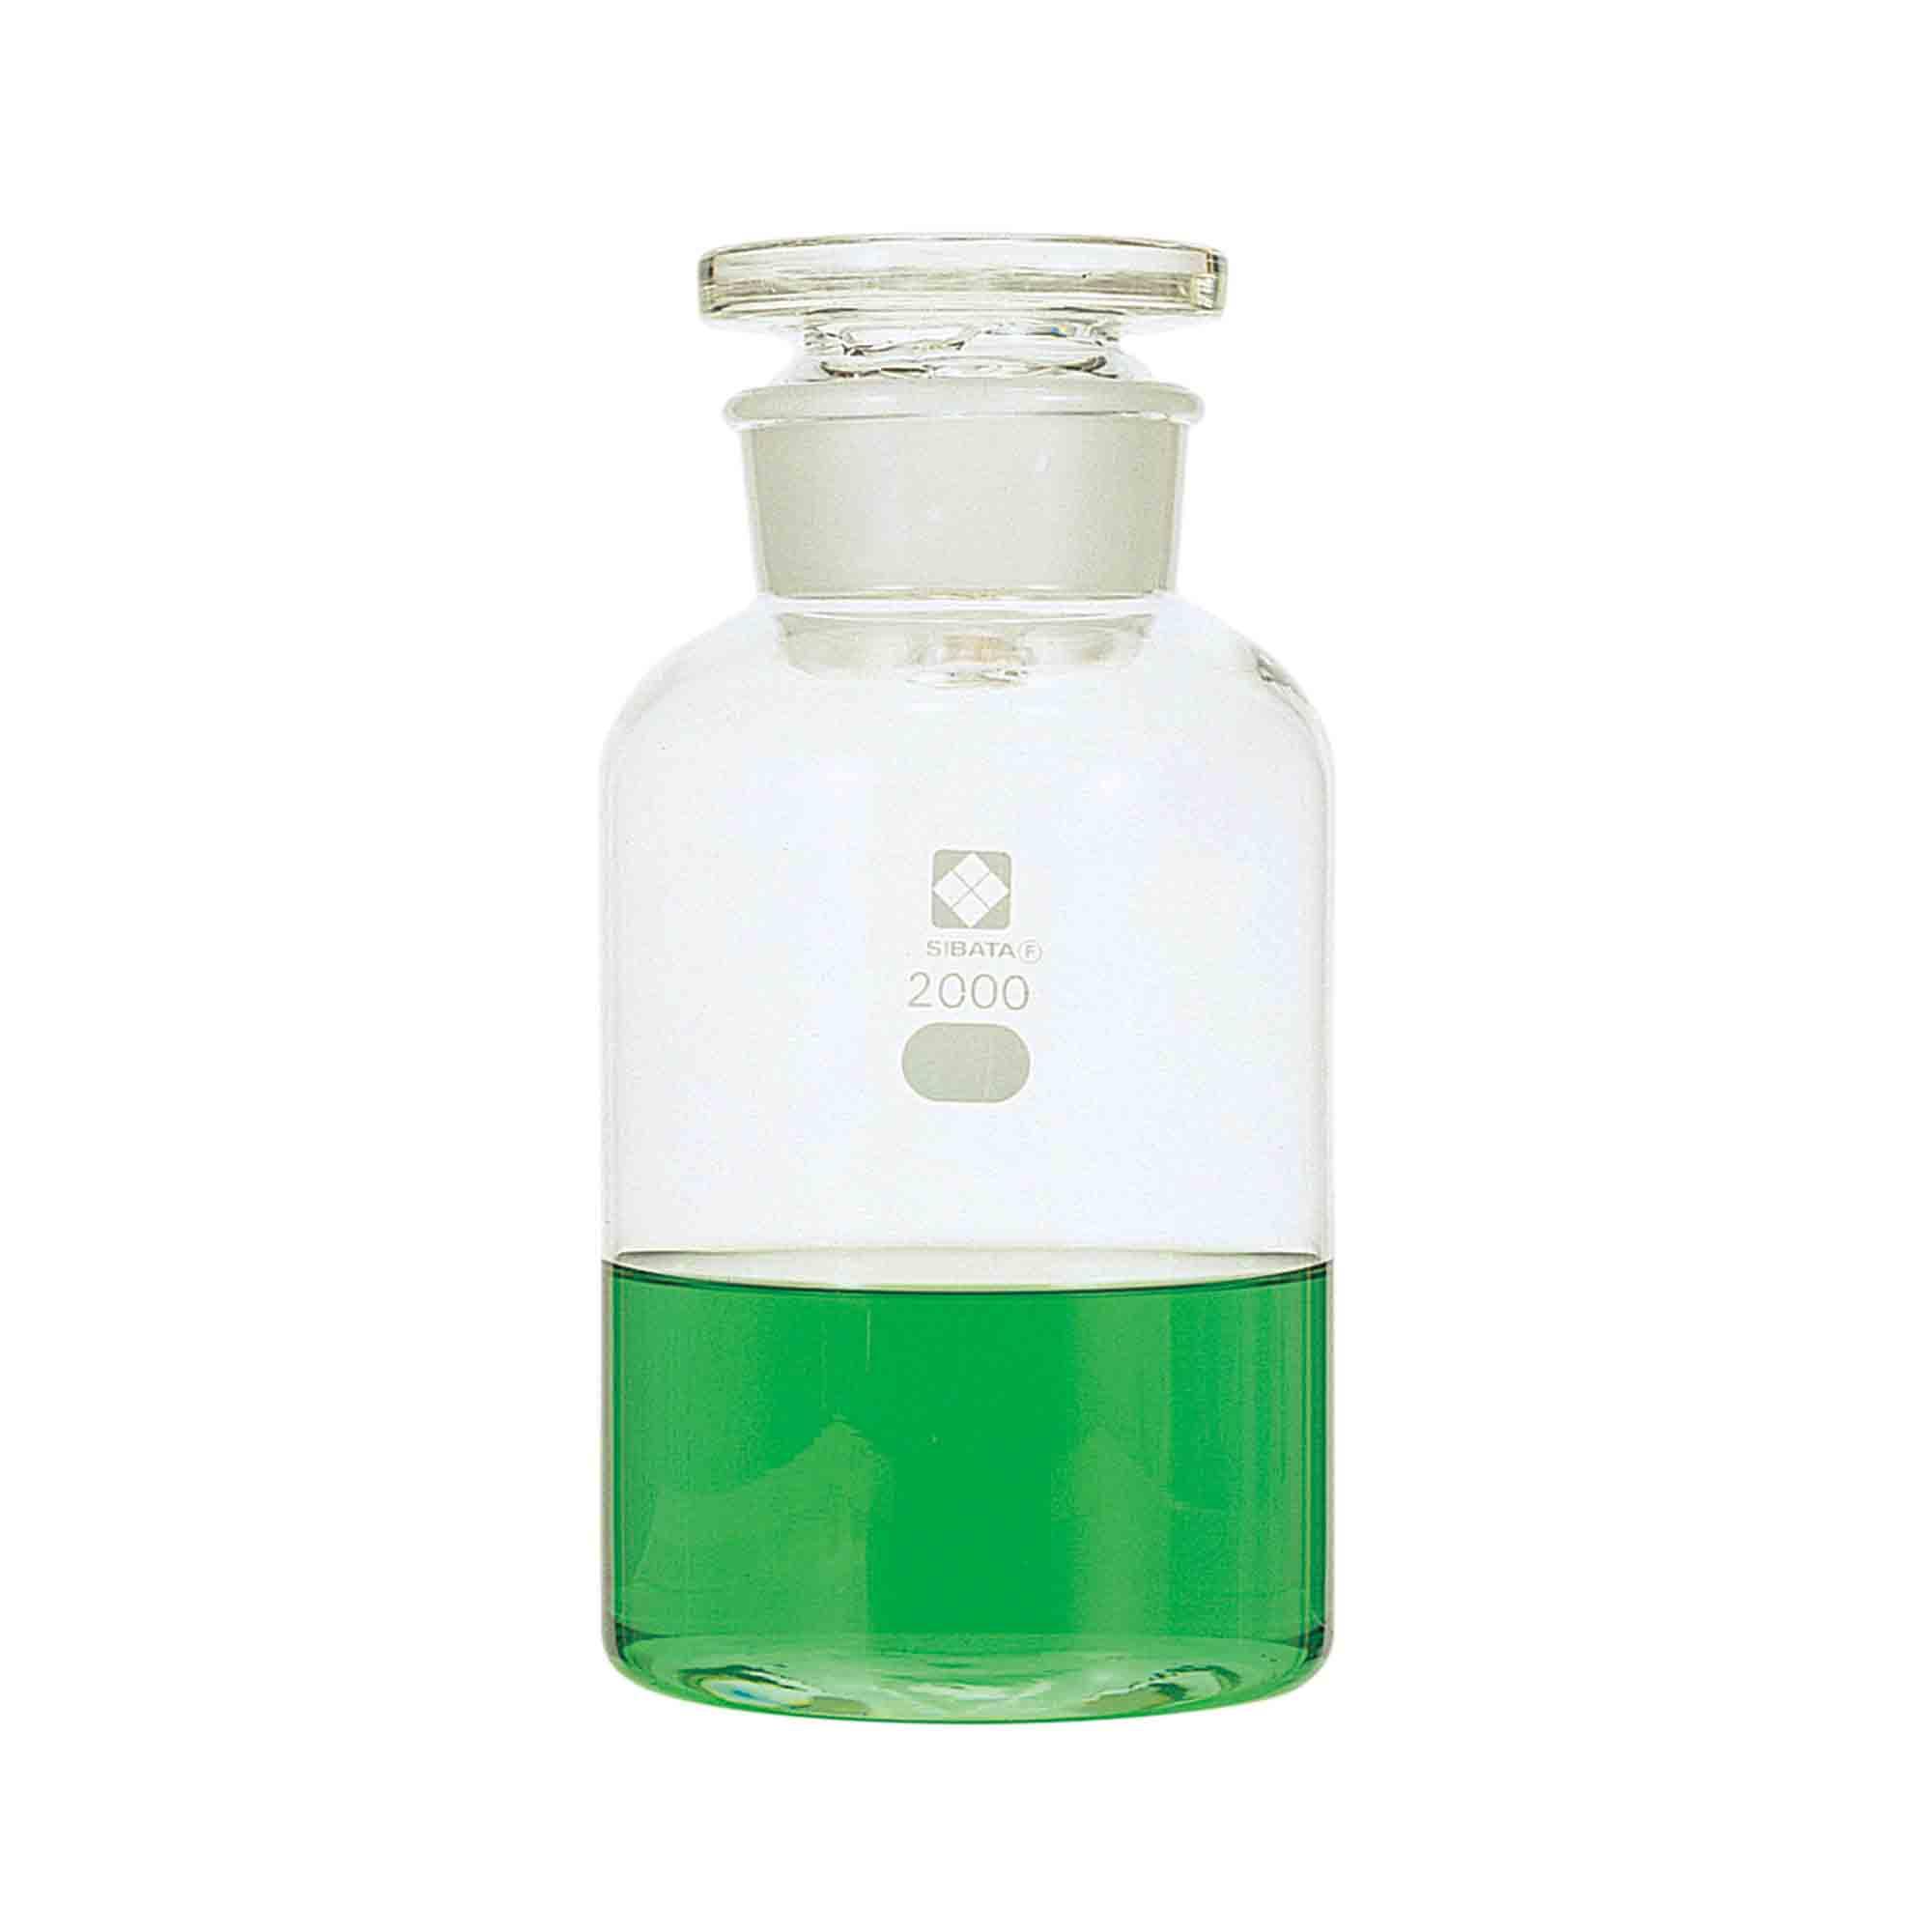 広口試薬びん 透明 1L